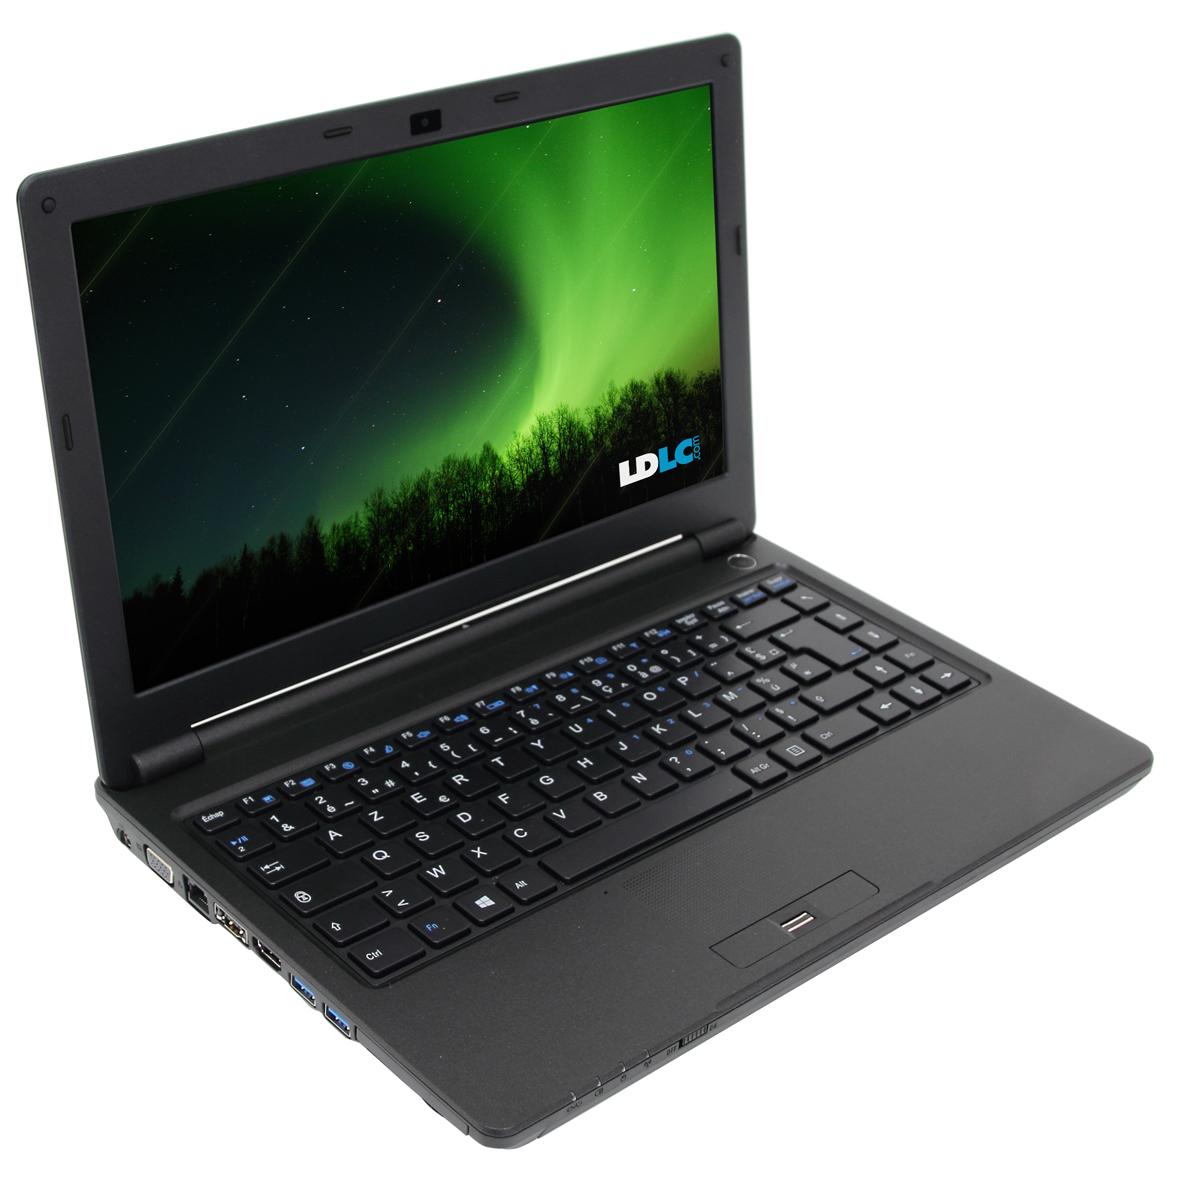 """PC portable LDLC Aurore LT1-B9-4-S1 Intel Pentium 2020M 4 Go SSD 120 Go 13.3"""" LED Graveur DVD externe Wi-Fi N/Bluetooth Webcam (sans OS)"""